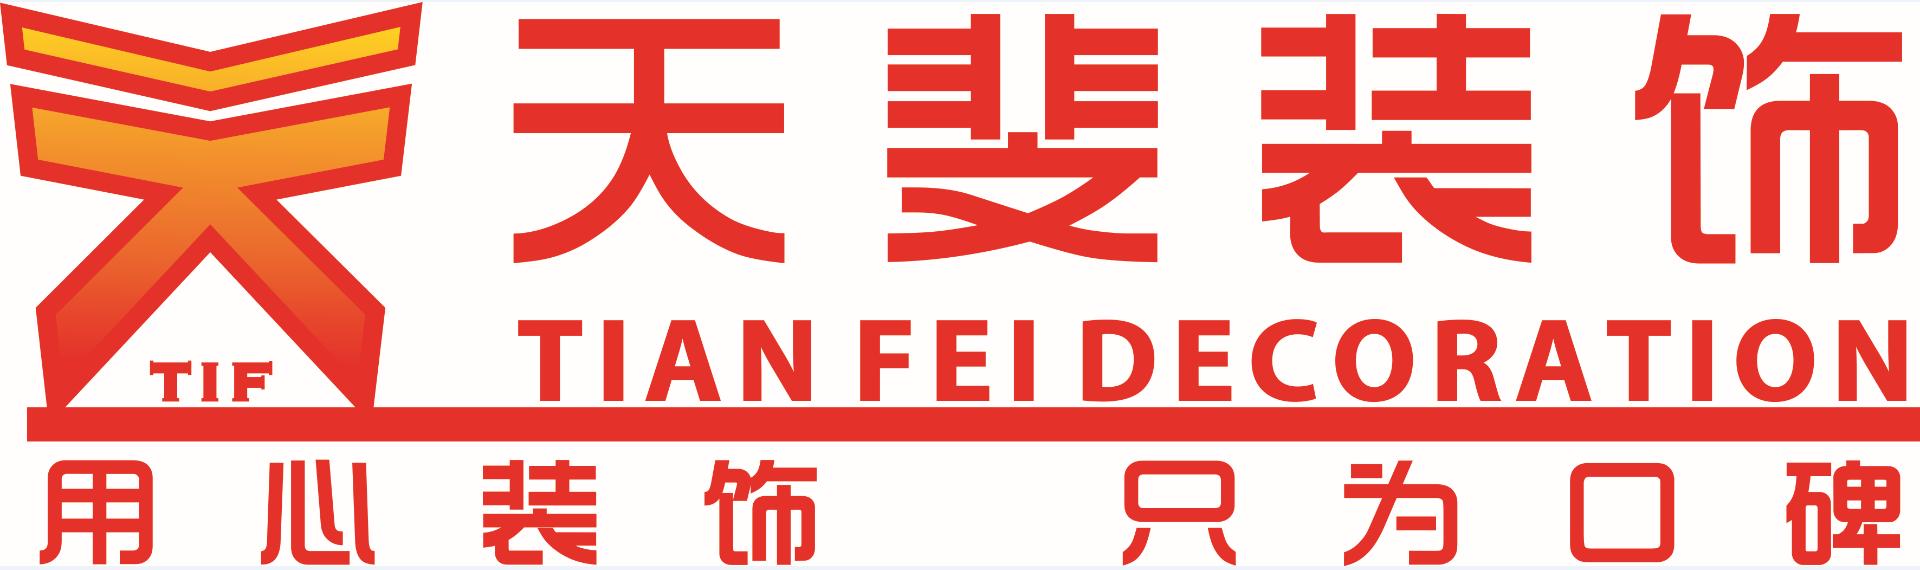 广东天斐装饰设计工程有限公司